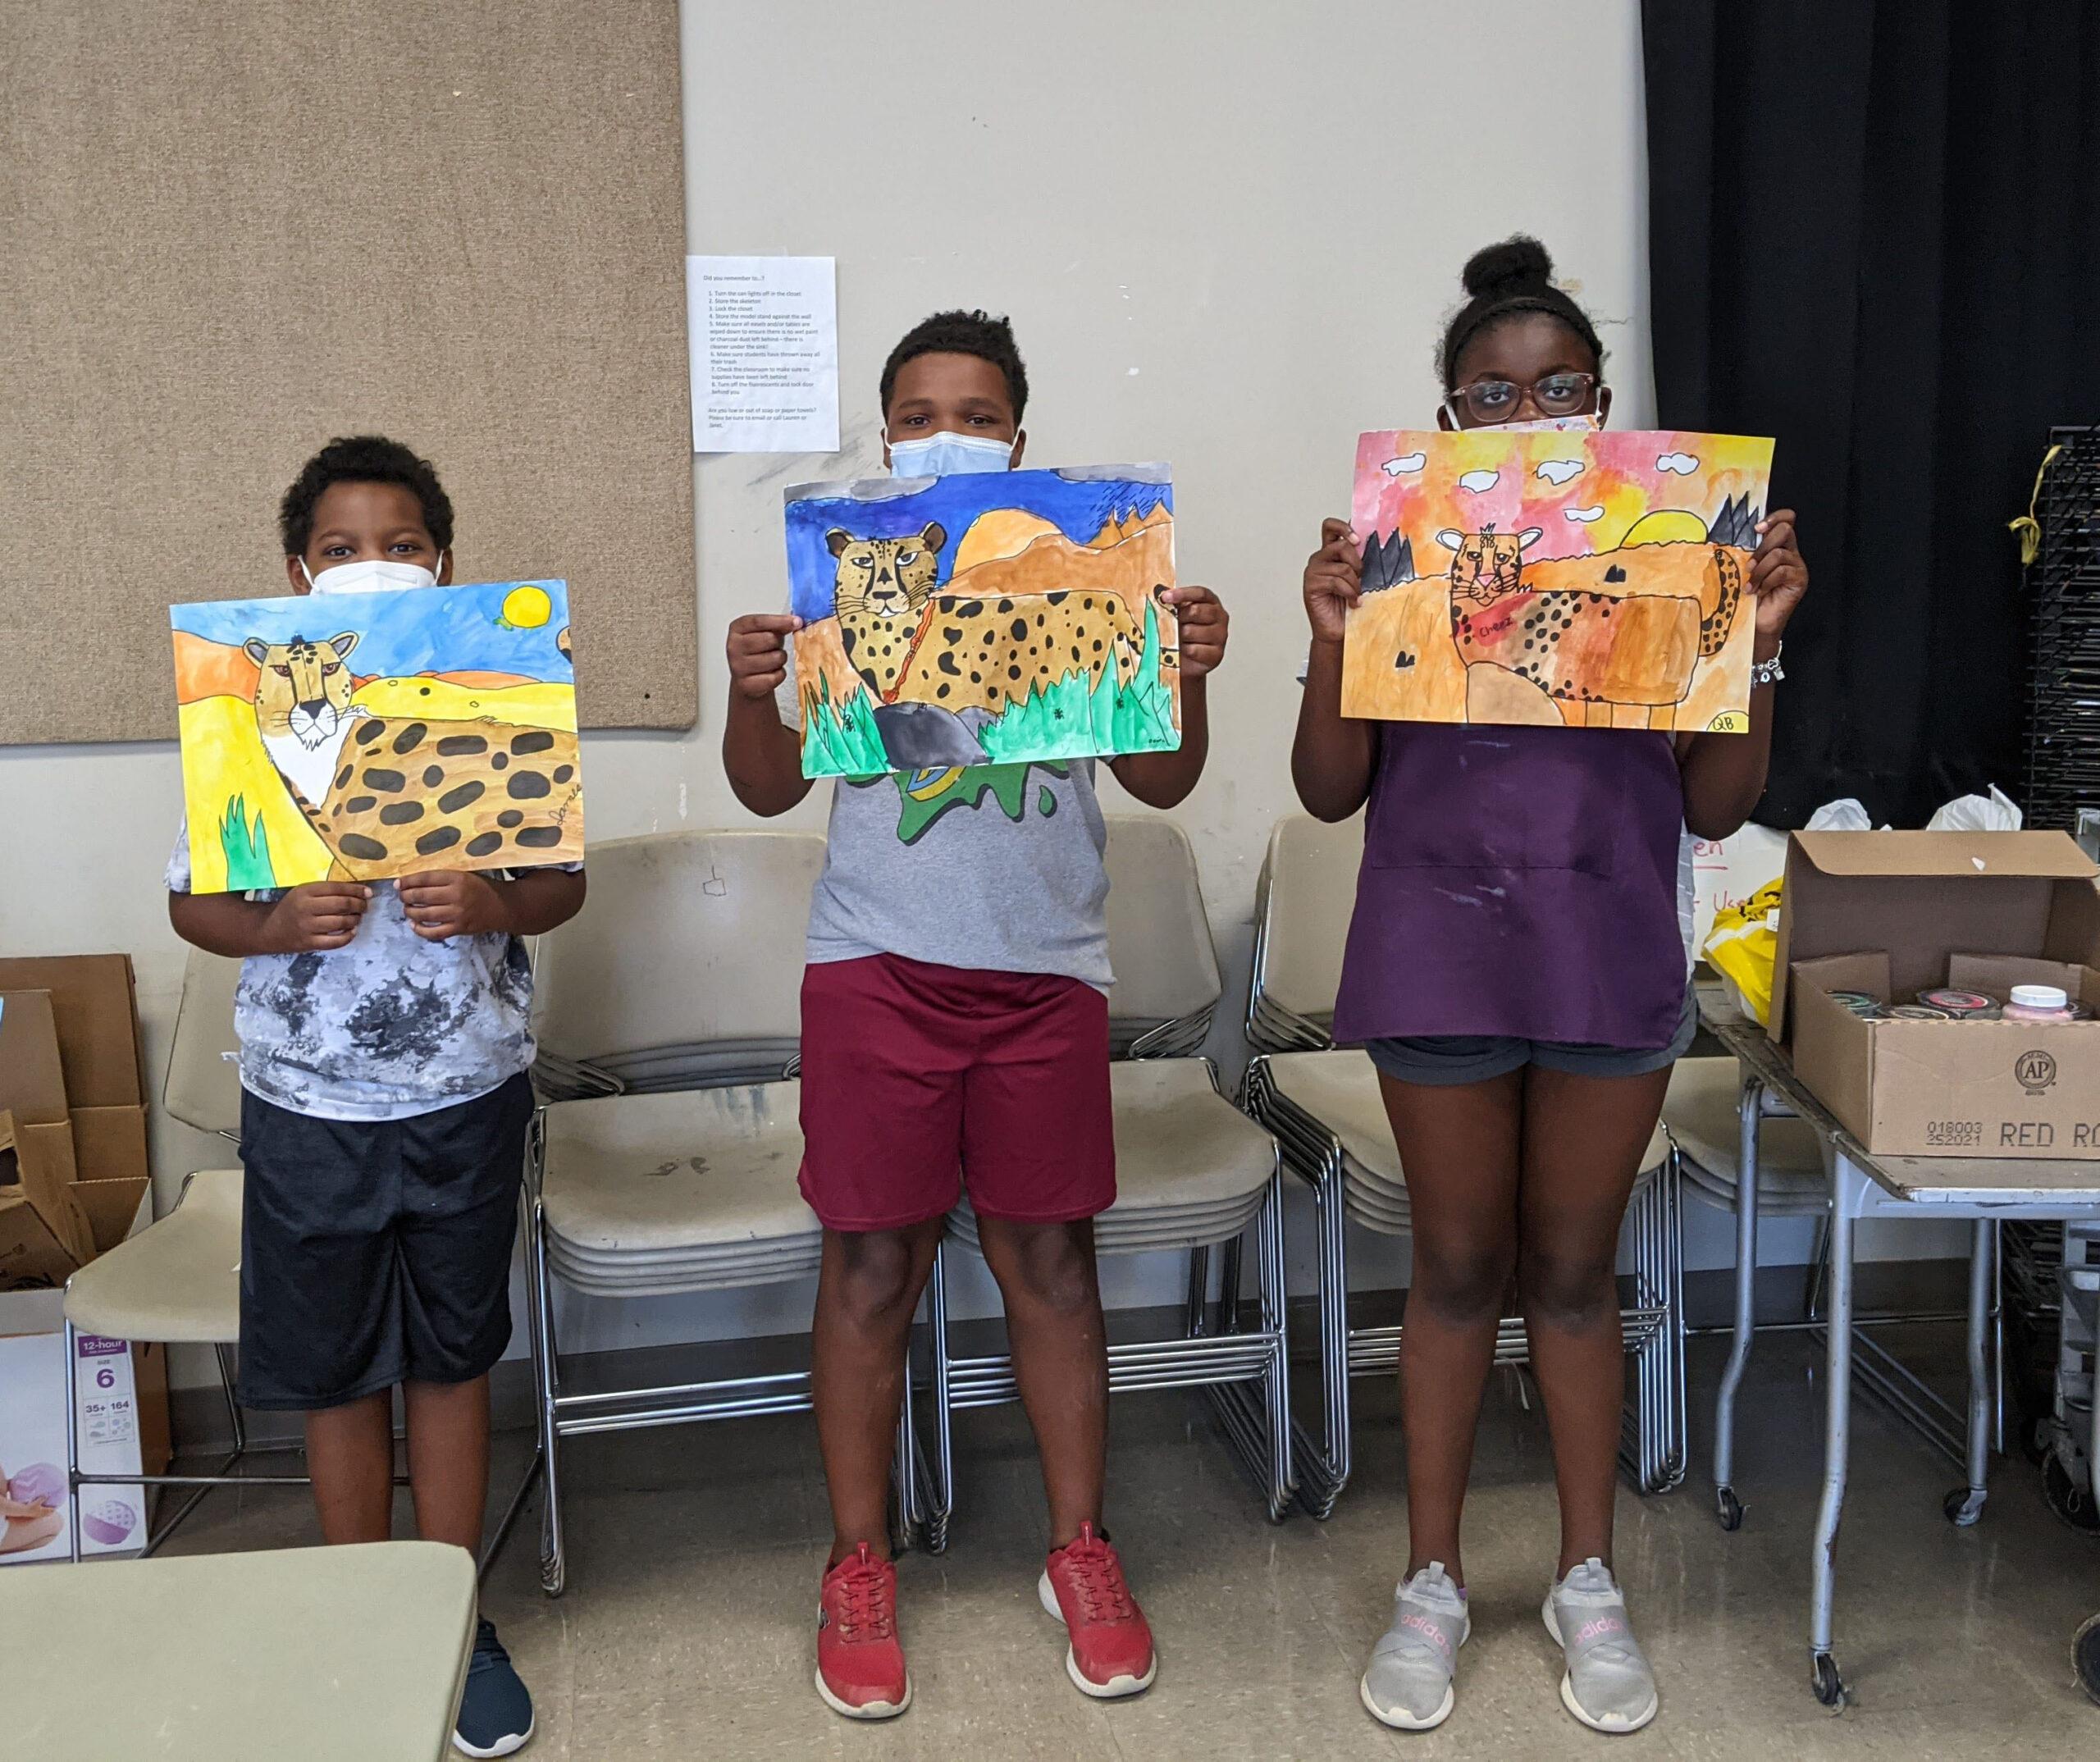 campers holding artwork